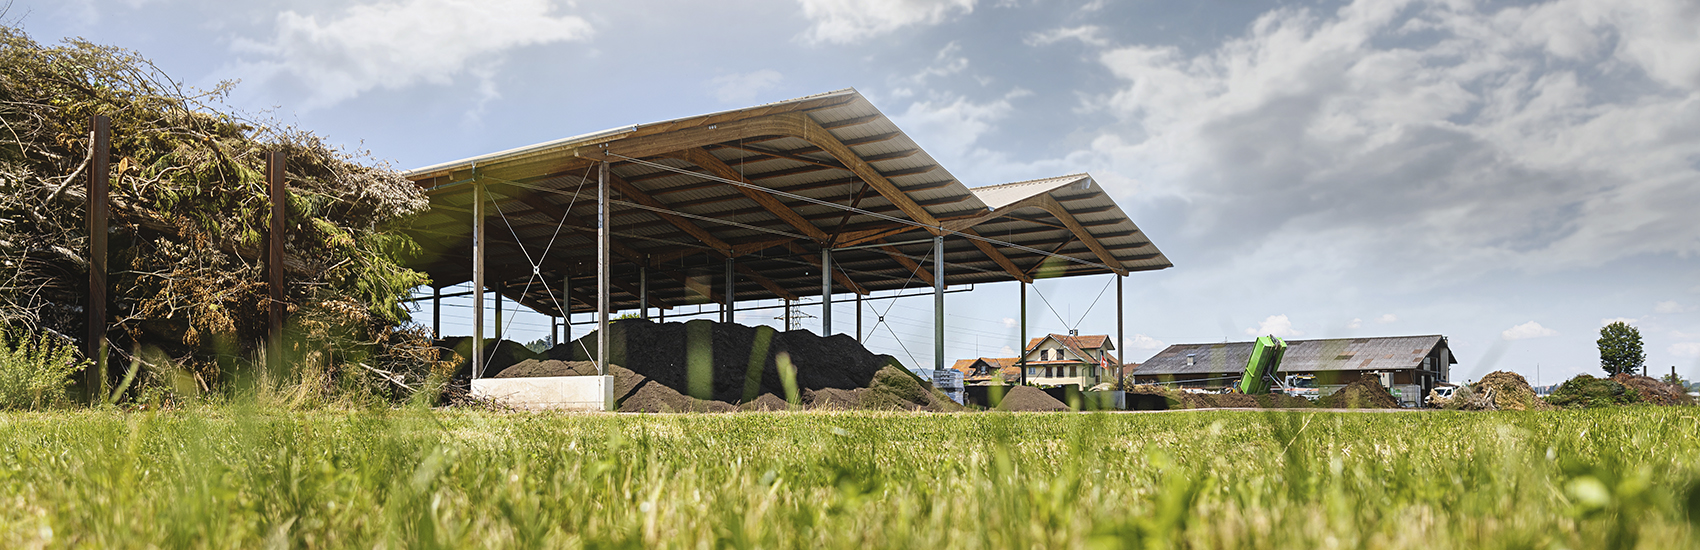 Ansicht Firmengelände und Halle mit Kompost der Firma Qualikomp AG in Emmen